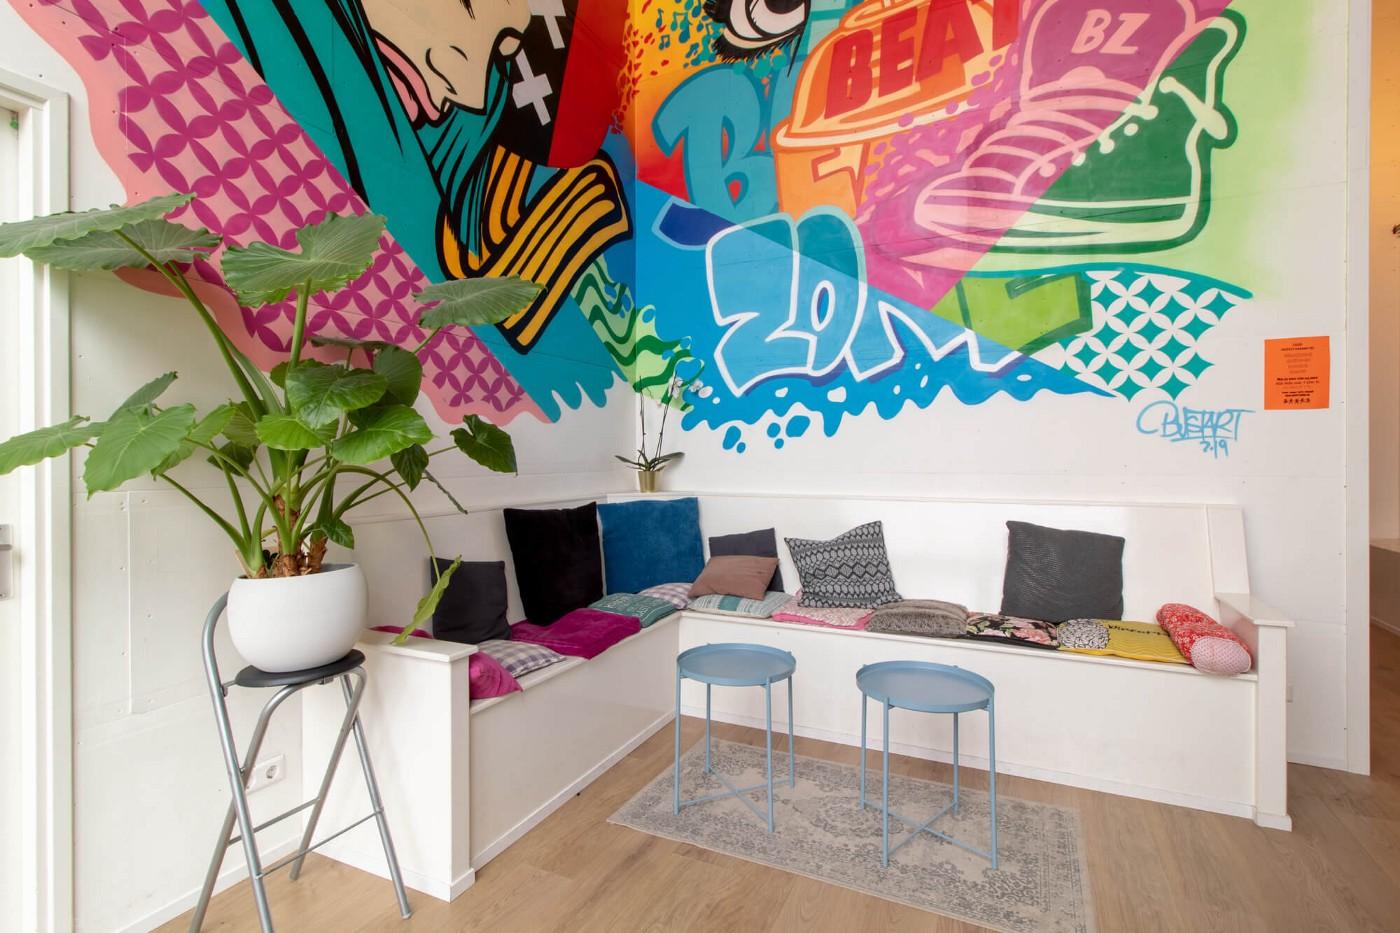 BeatZone: Your all-around studio in Nieuw-West.